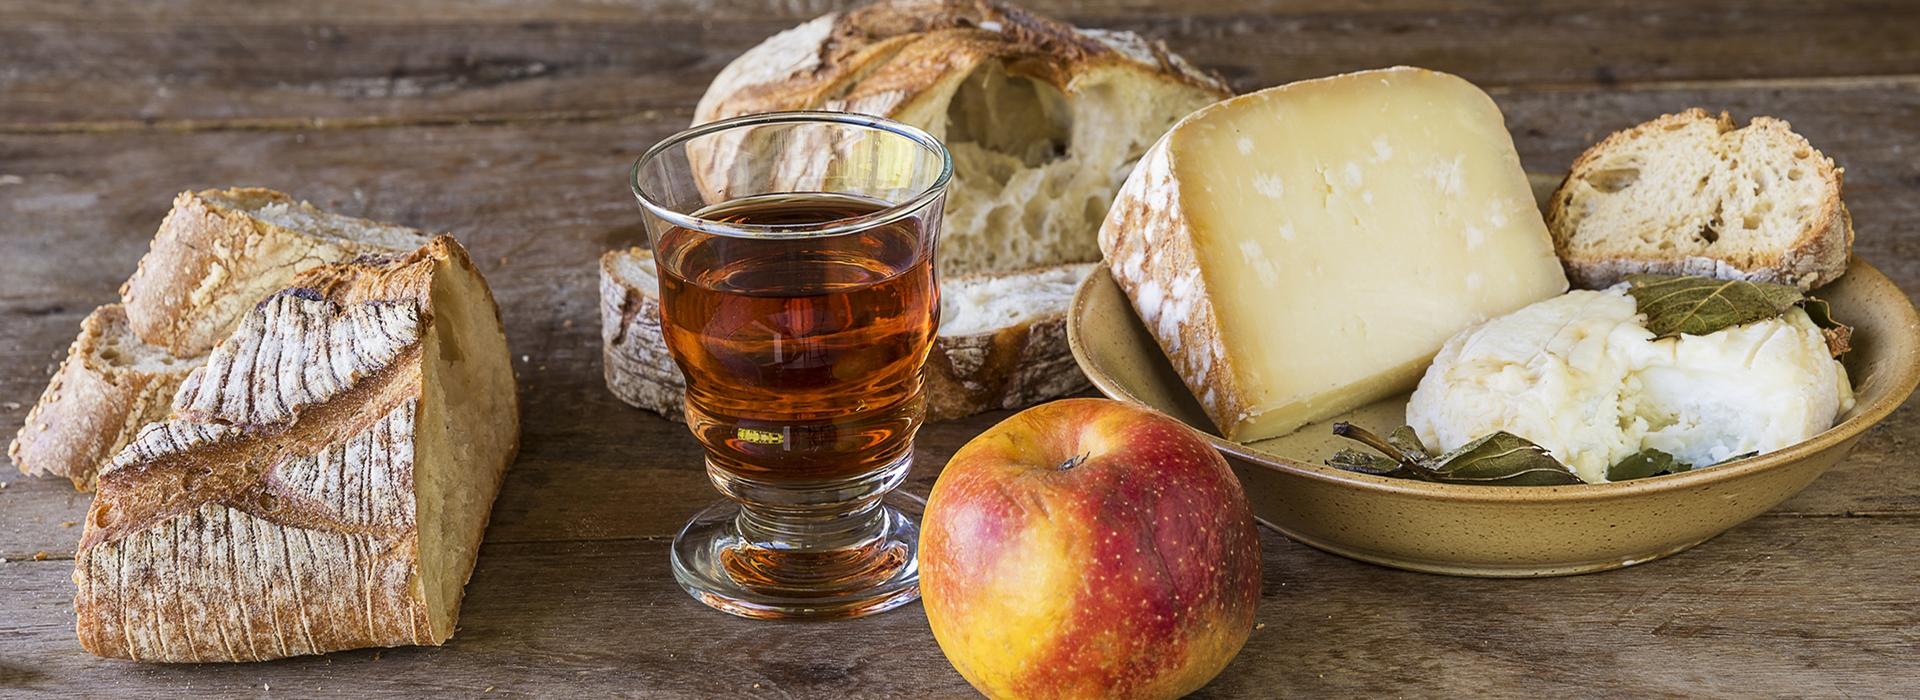 Taller de degustación de quesos y vinos en Paris